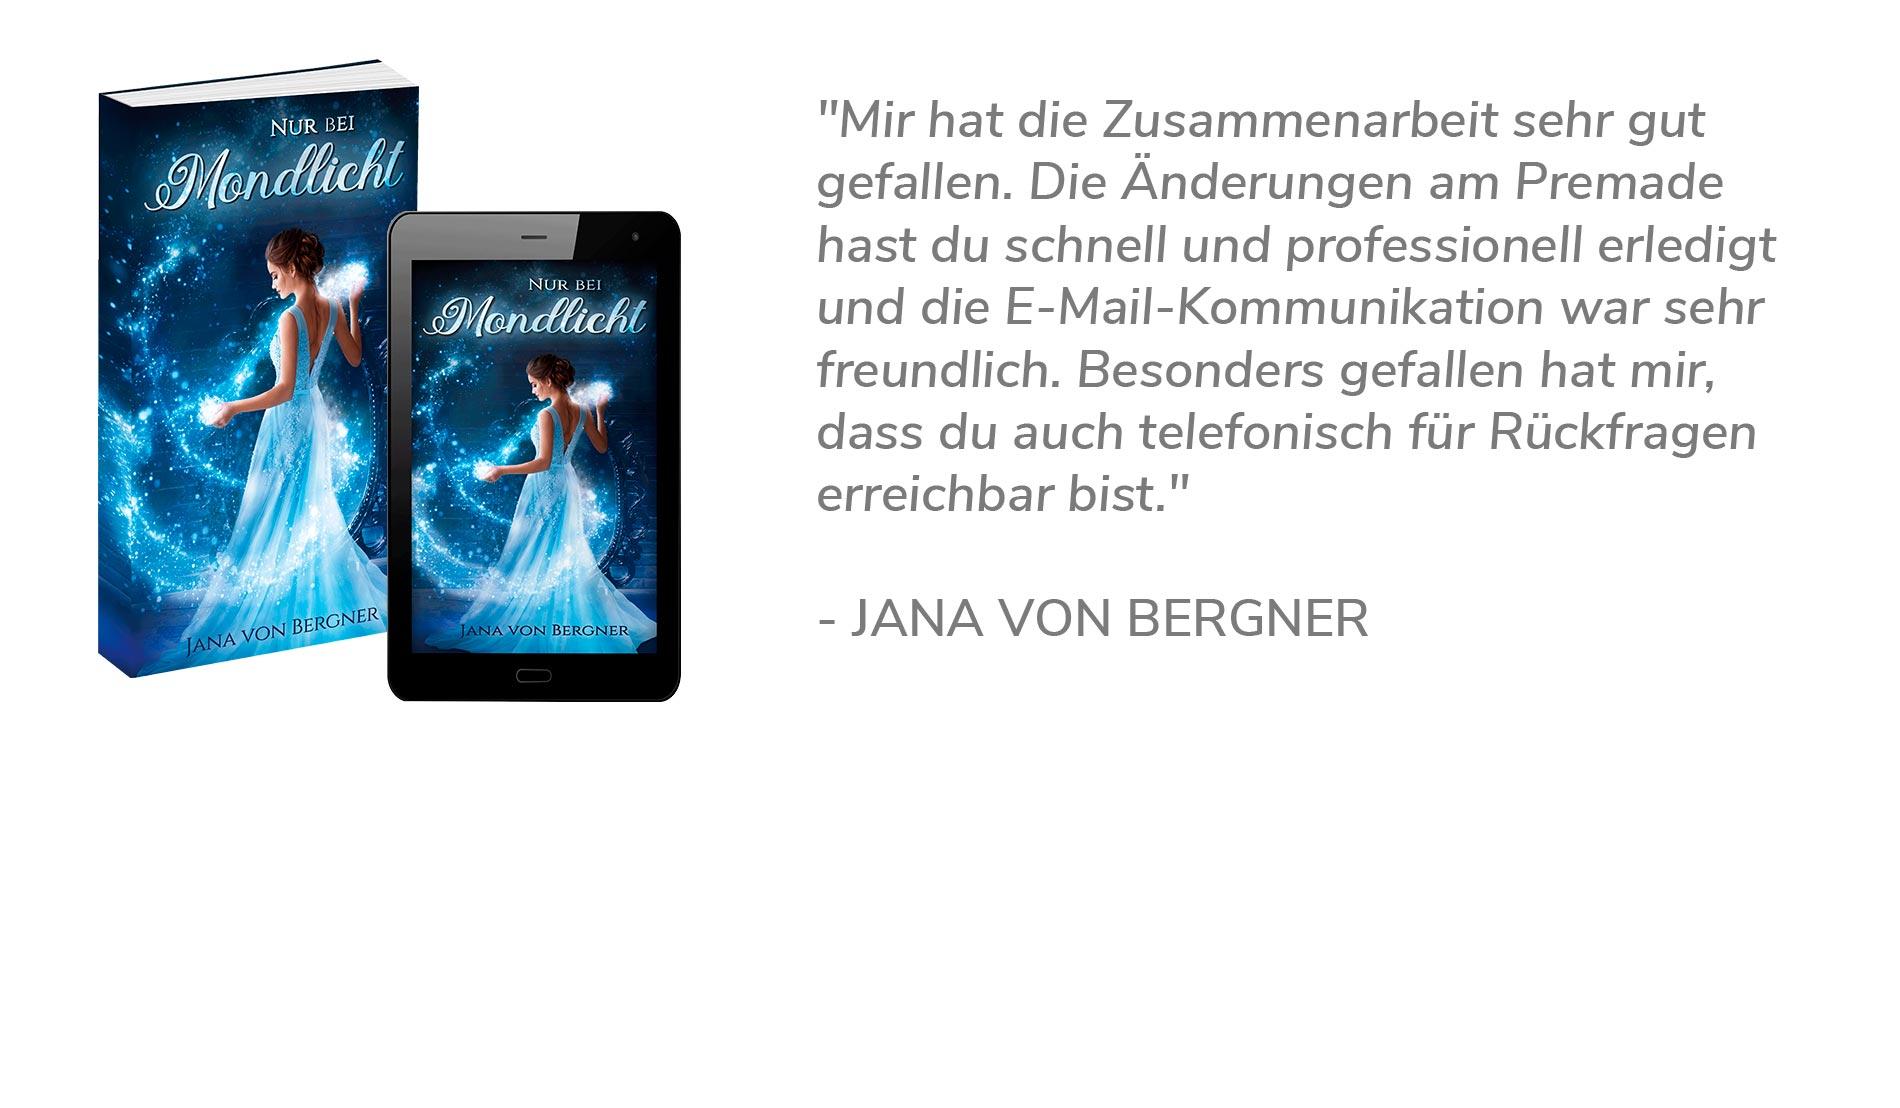 jana-von-bergner